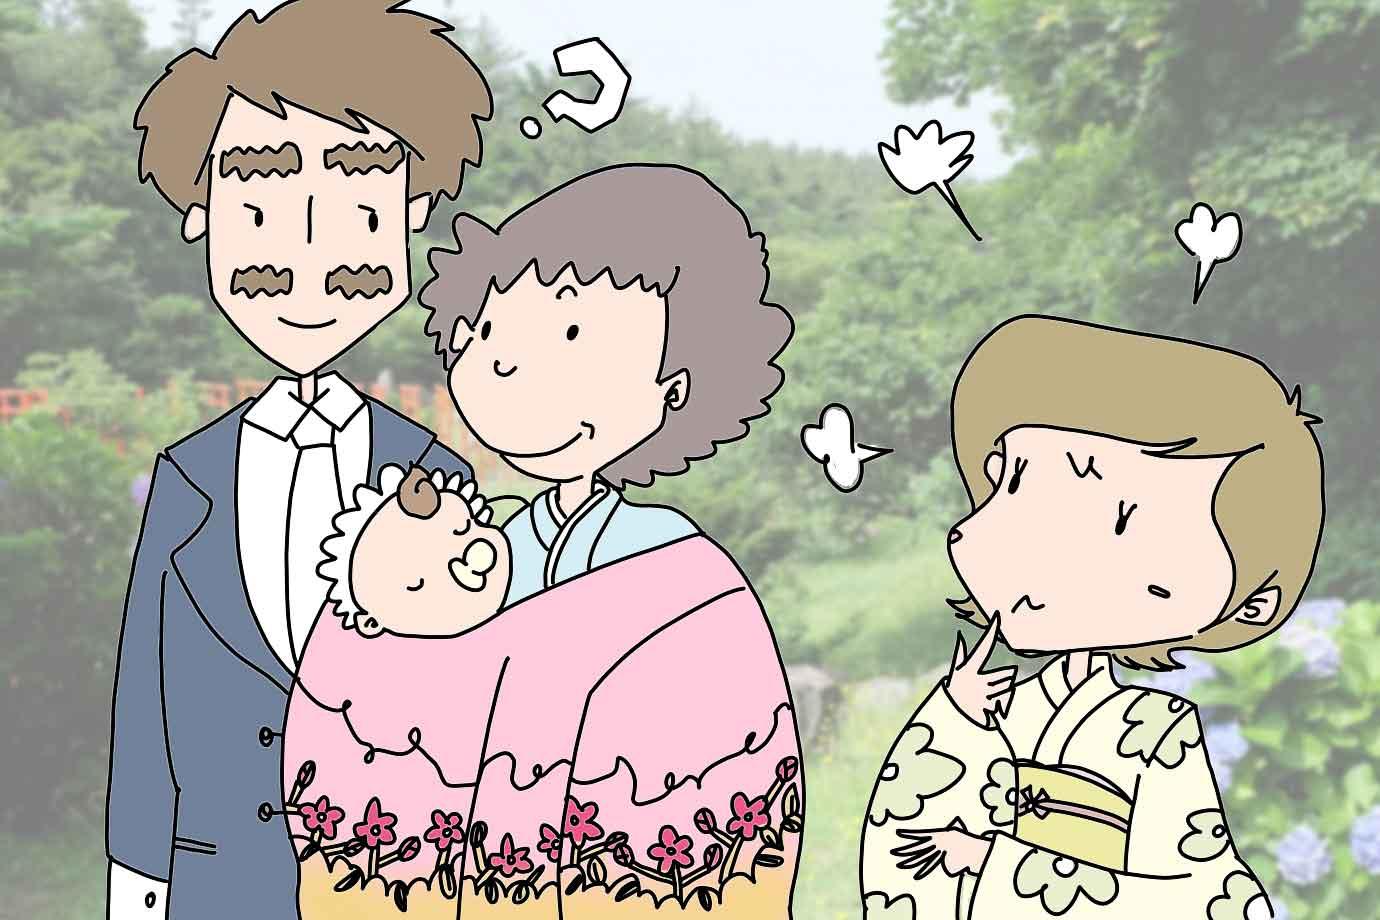 古くからの習わしでは、赤ちゃんは姑(父方の母)が抱くことが一般的でした